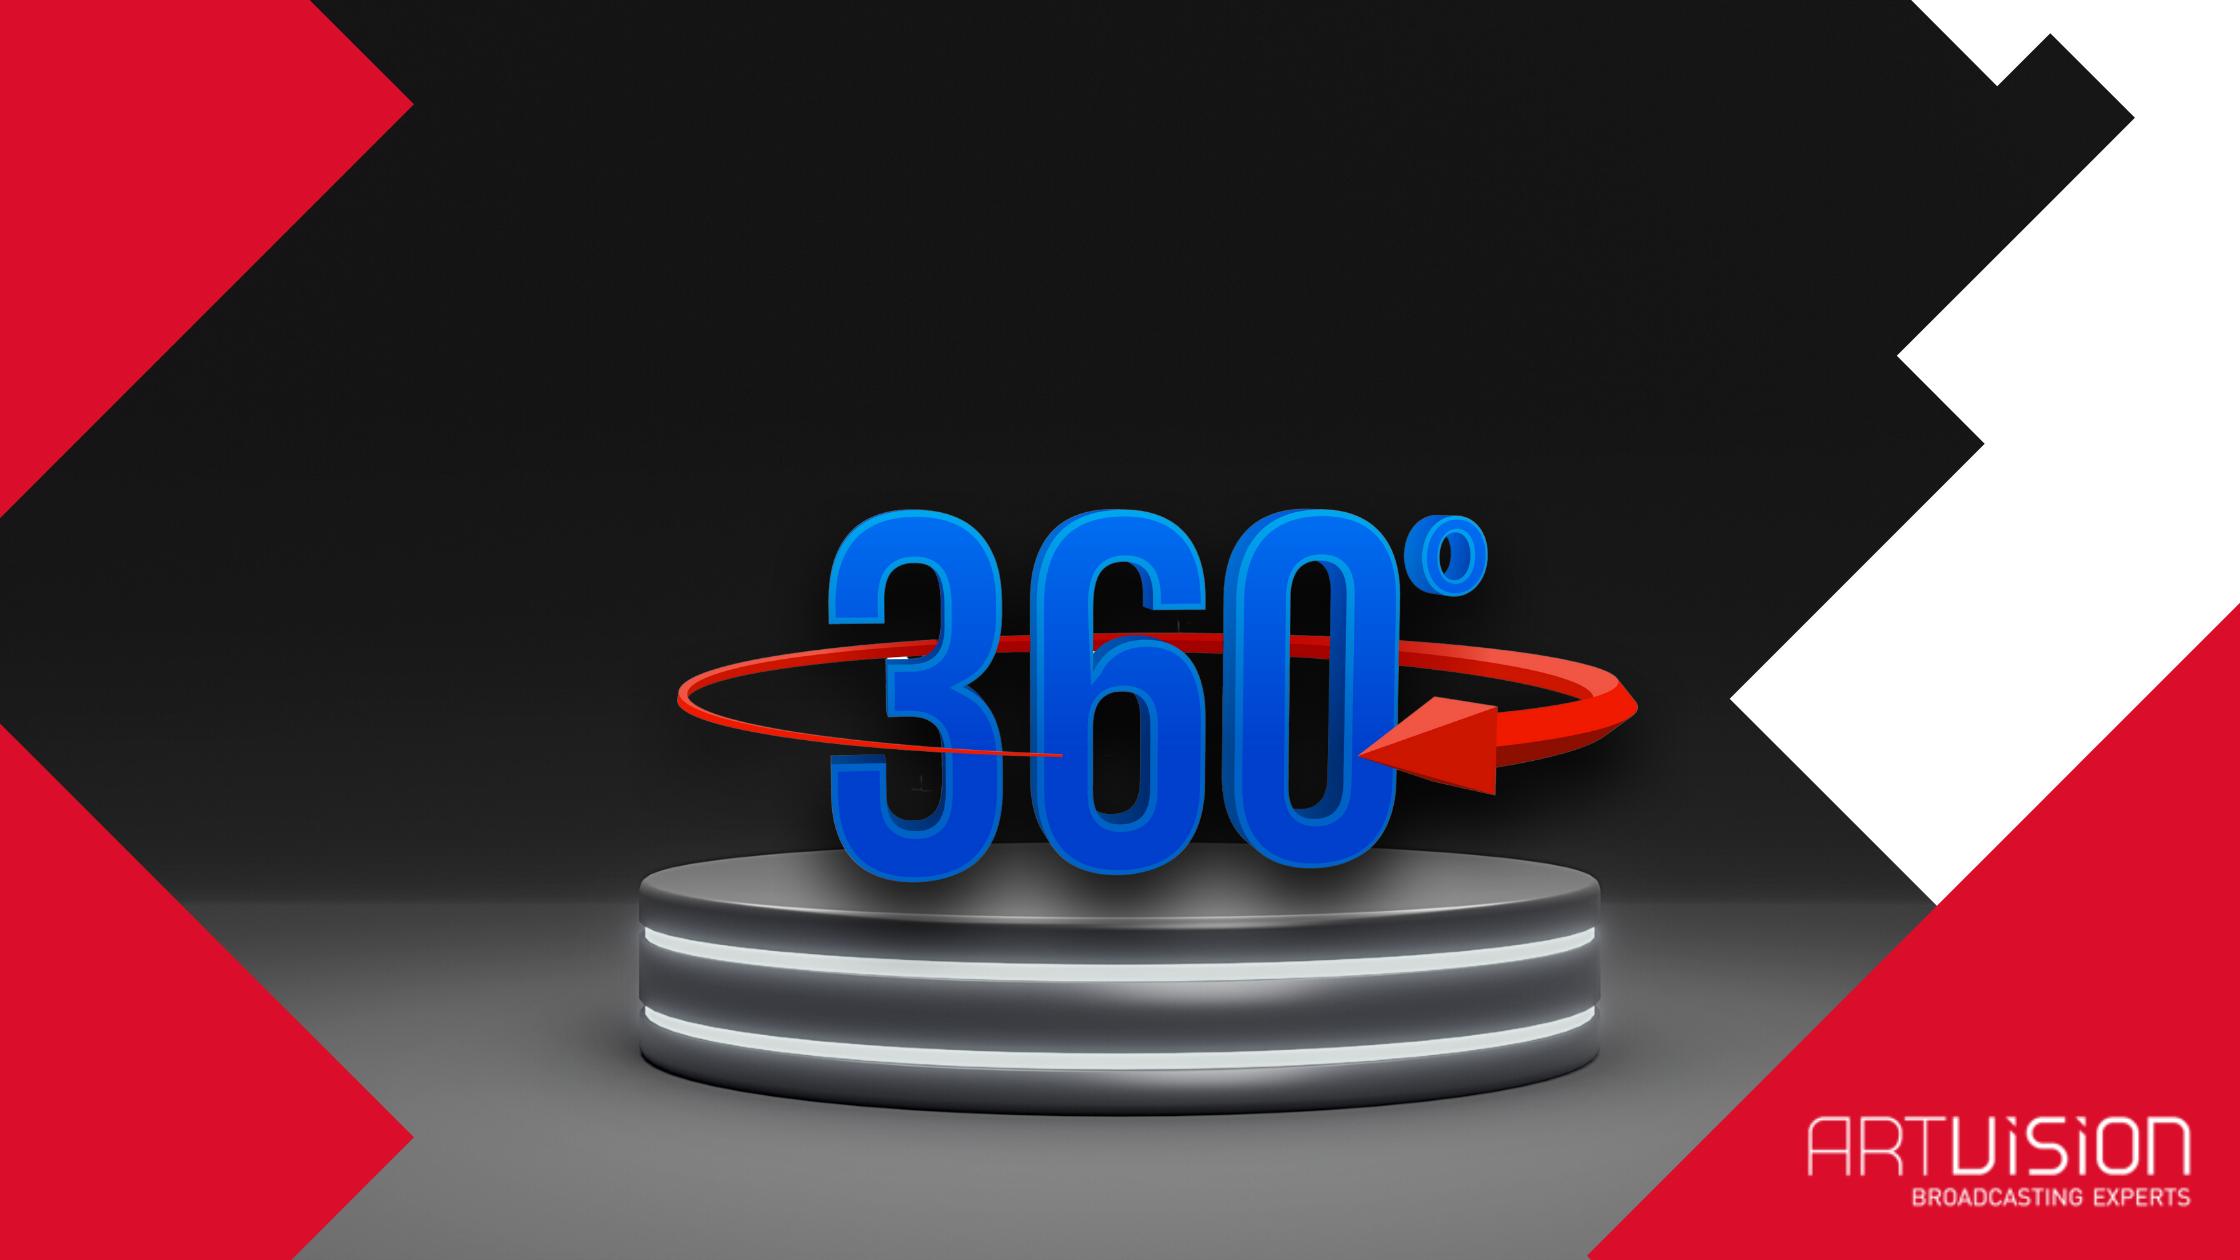 Αναβάθμισε το eshop σου με 360° προβολή προϊόντων